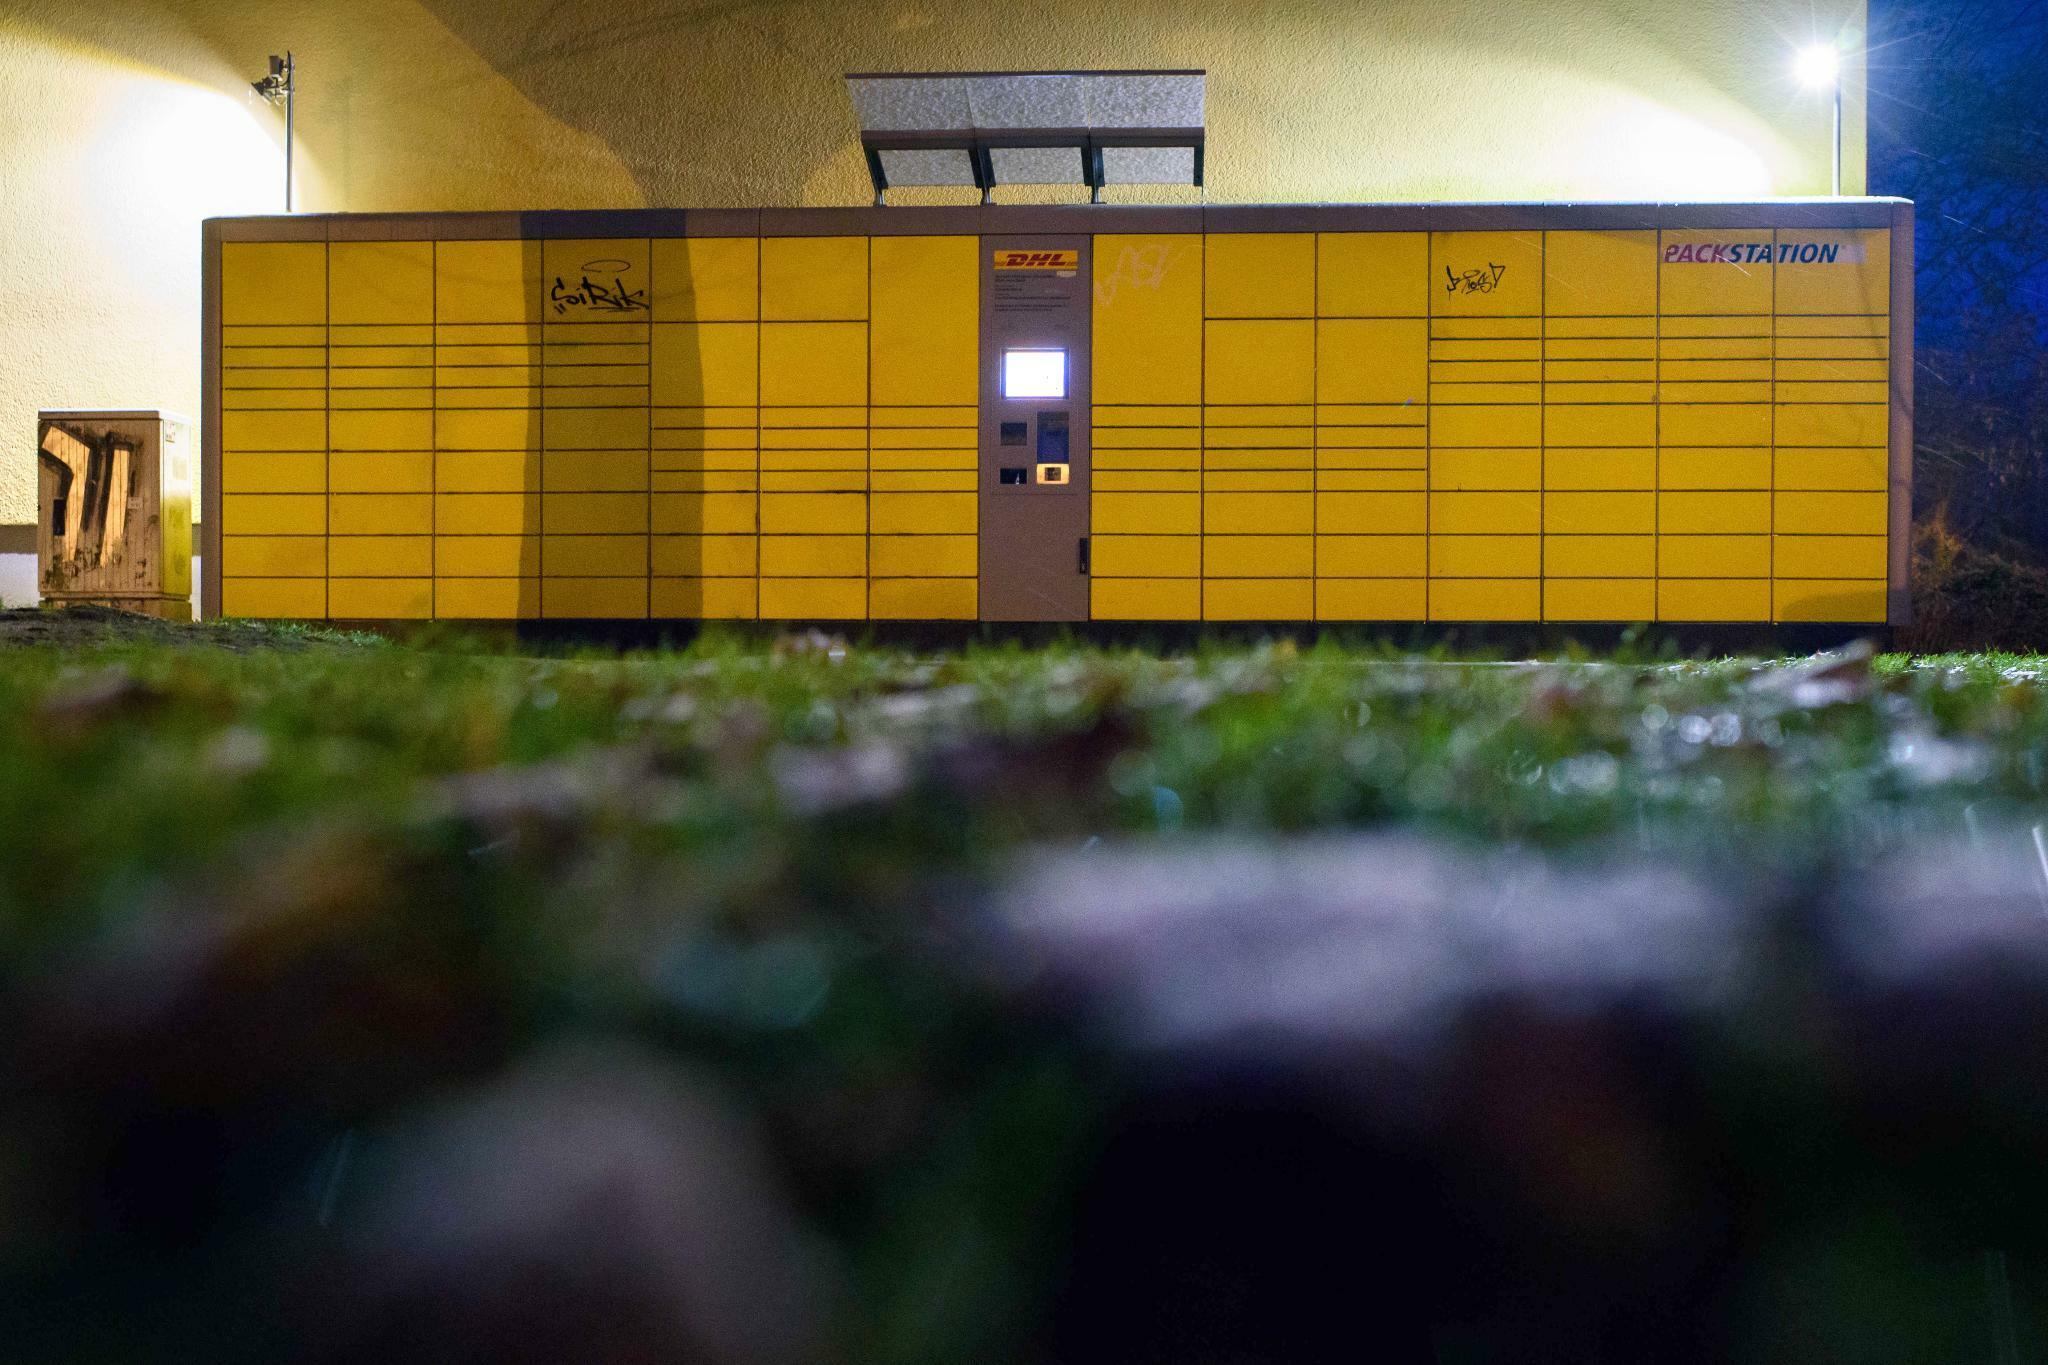 Packstation Karte Gesperrt.Amazons Schwachstelle Ist Die Dhl Packstation